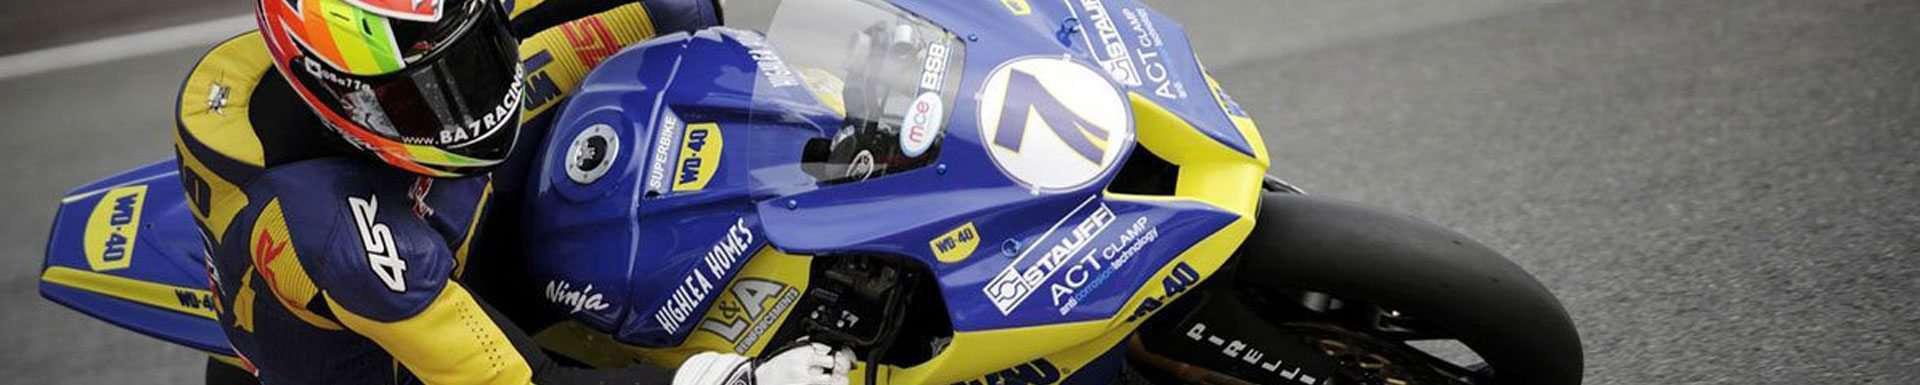 WD-40 Motorbike